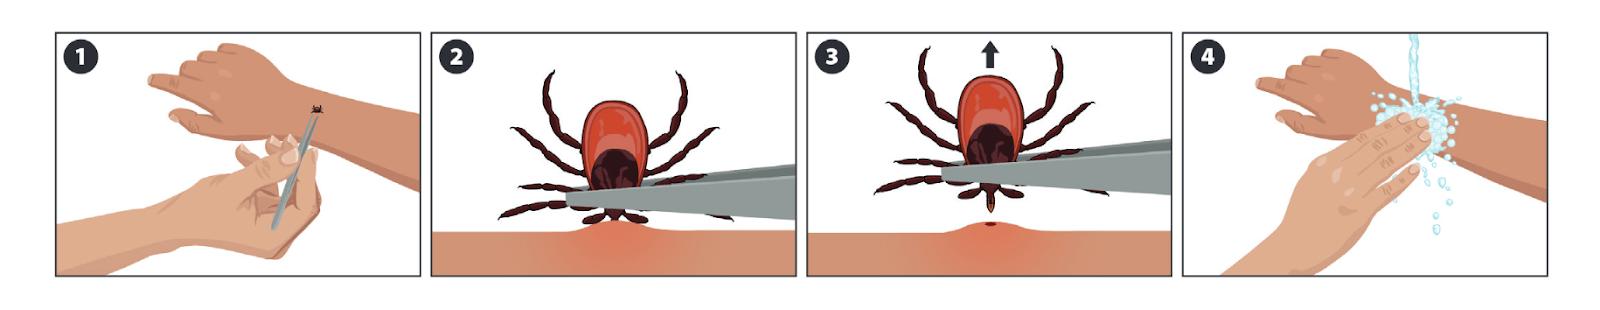 ¿Cómo retirar las garrapatas con pinzas?